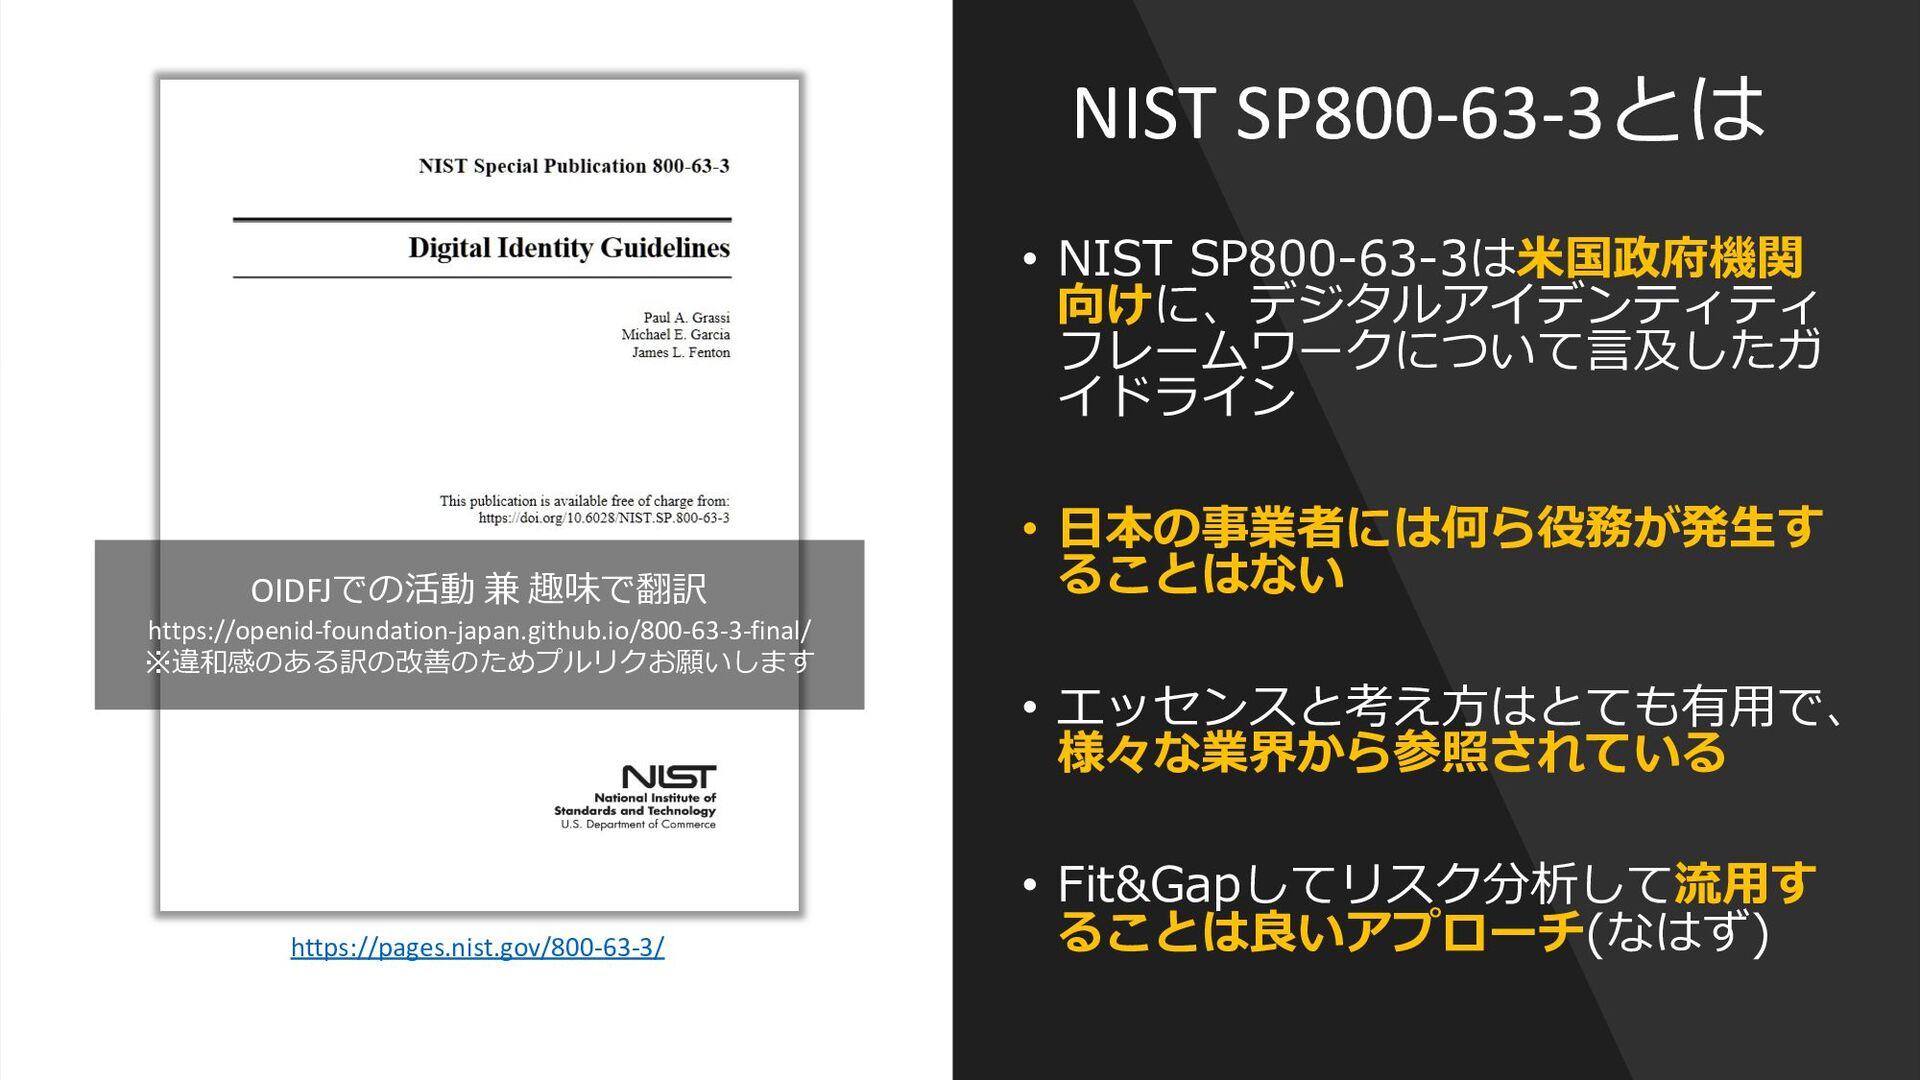 本日のテーマ 認証/Authentication